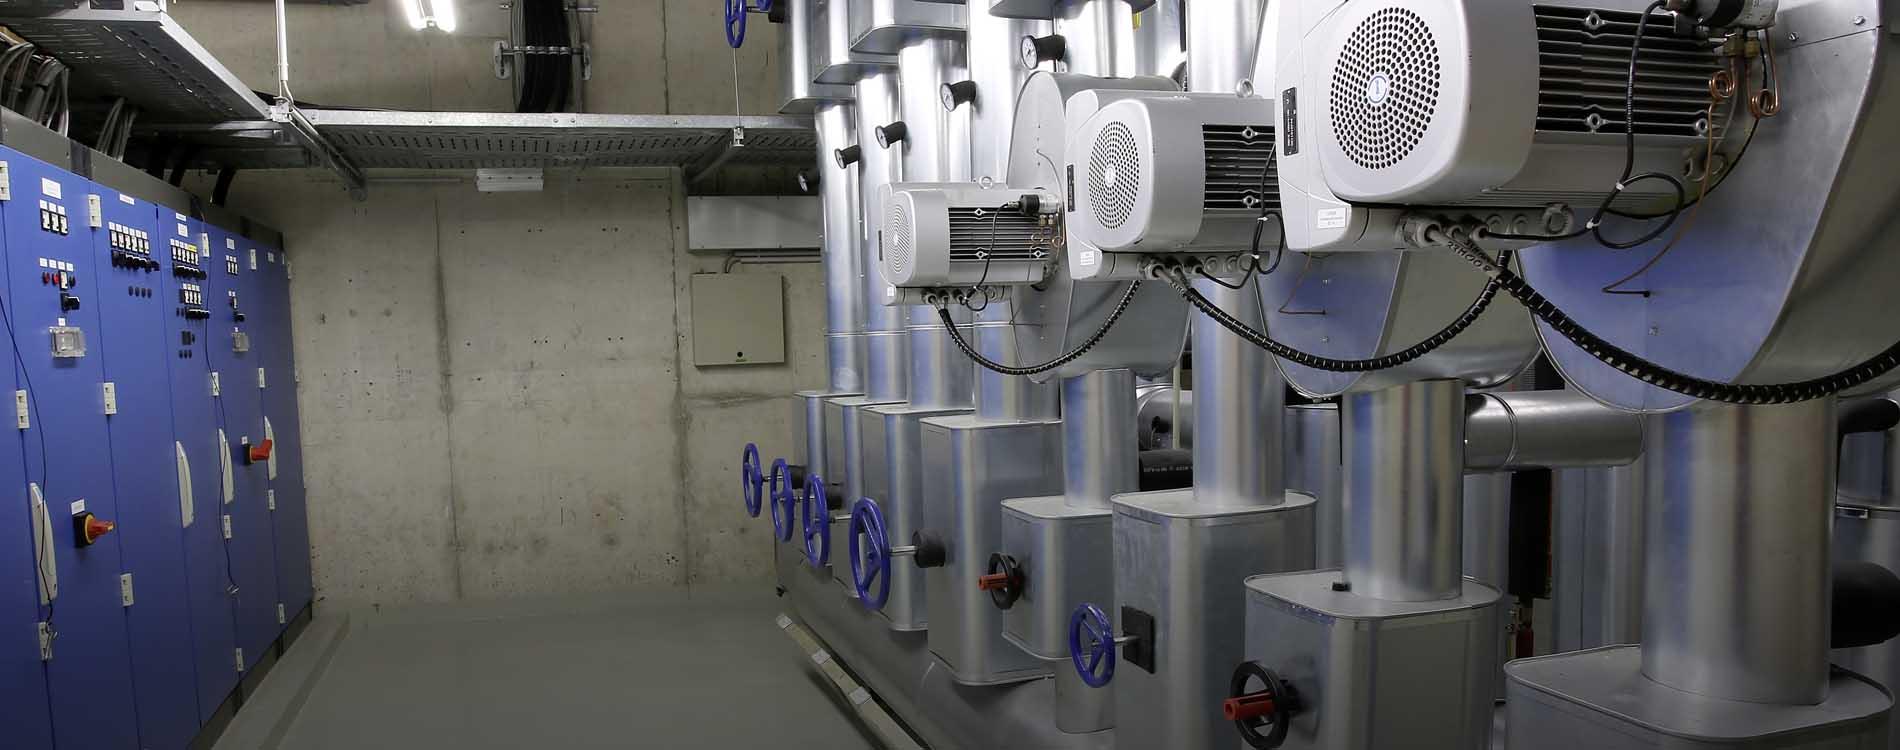 Erneuerung der MSR-Regeltechnik und des Kaltwassersatzes im RWE Verwaltungsgebäude in Siegen